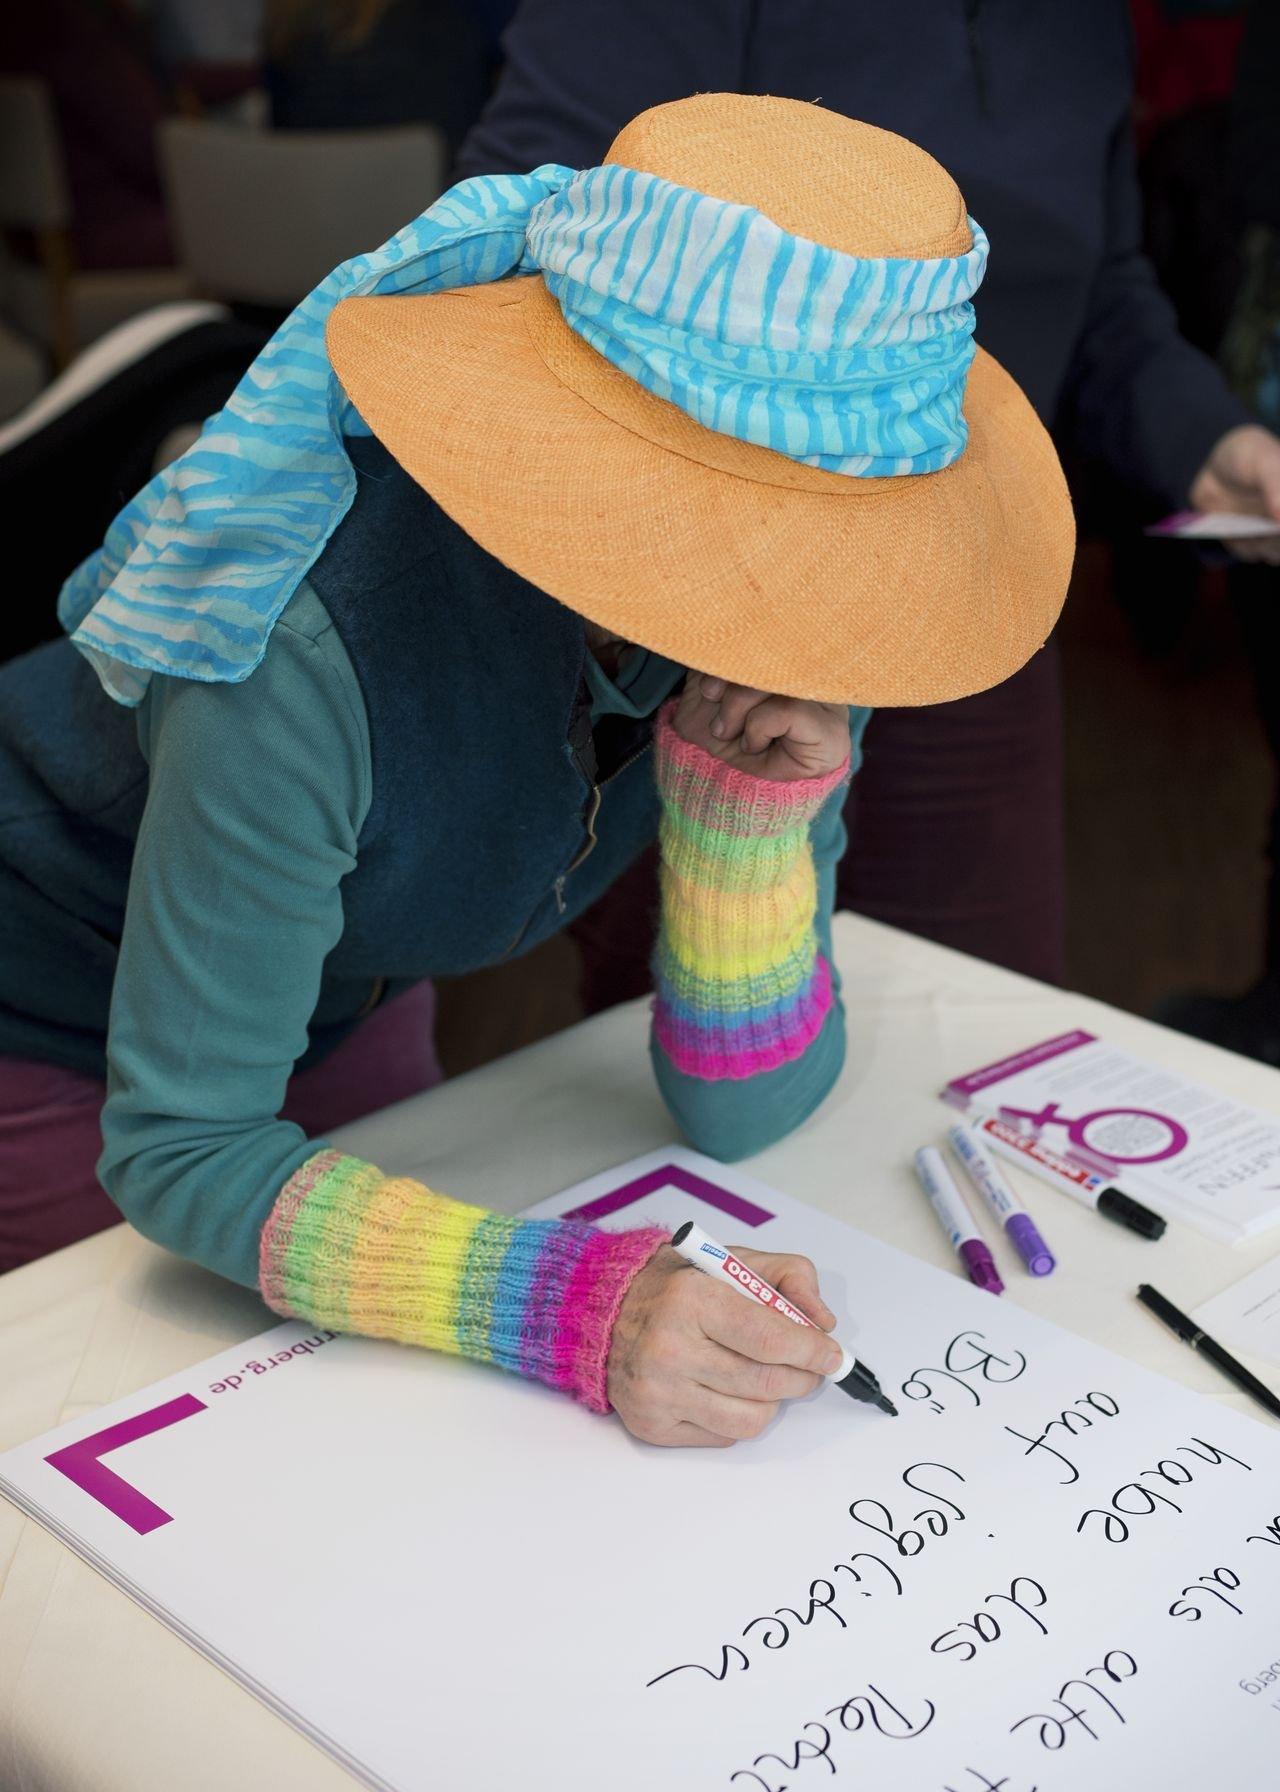 Vernissage - Frauen: Wahl-Recht-Freiheit - © Khrystyny Jalowa